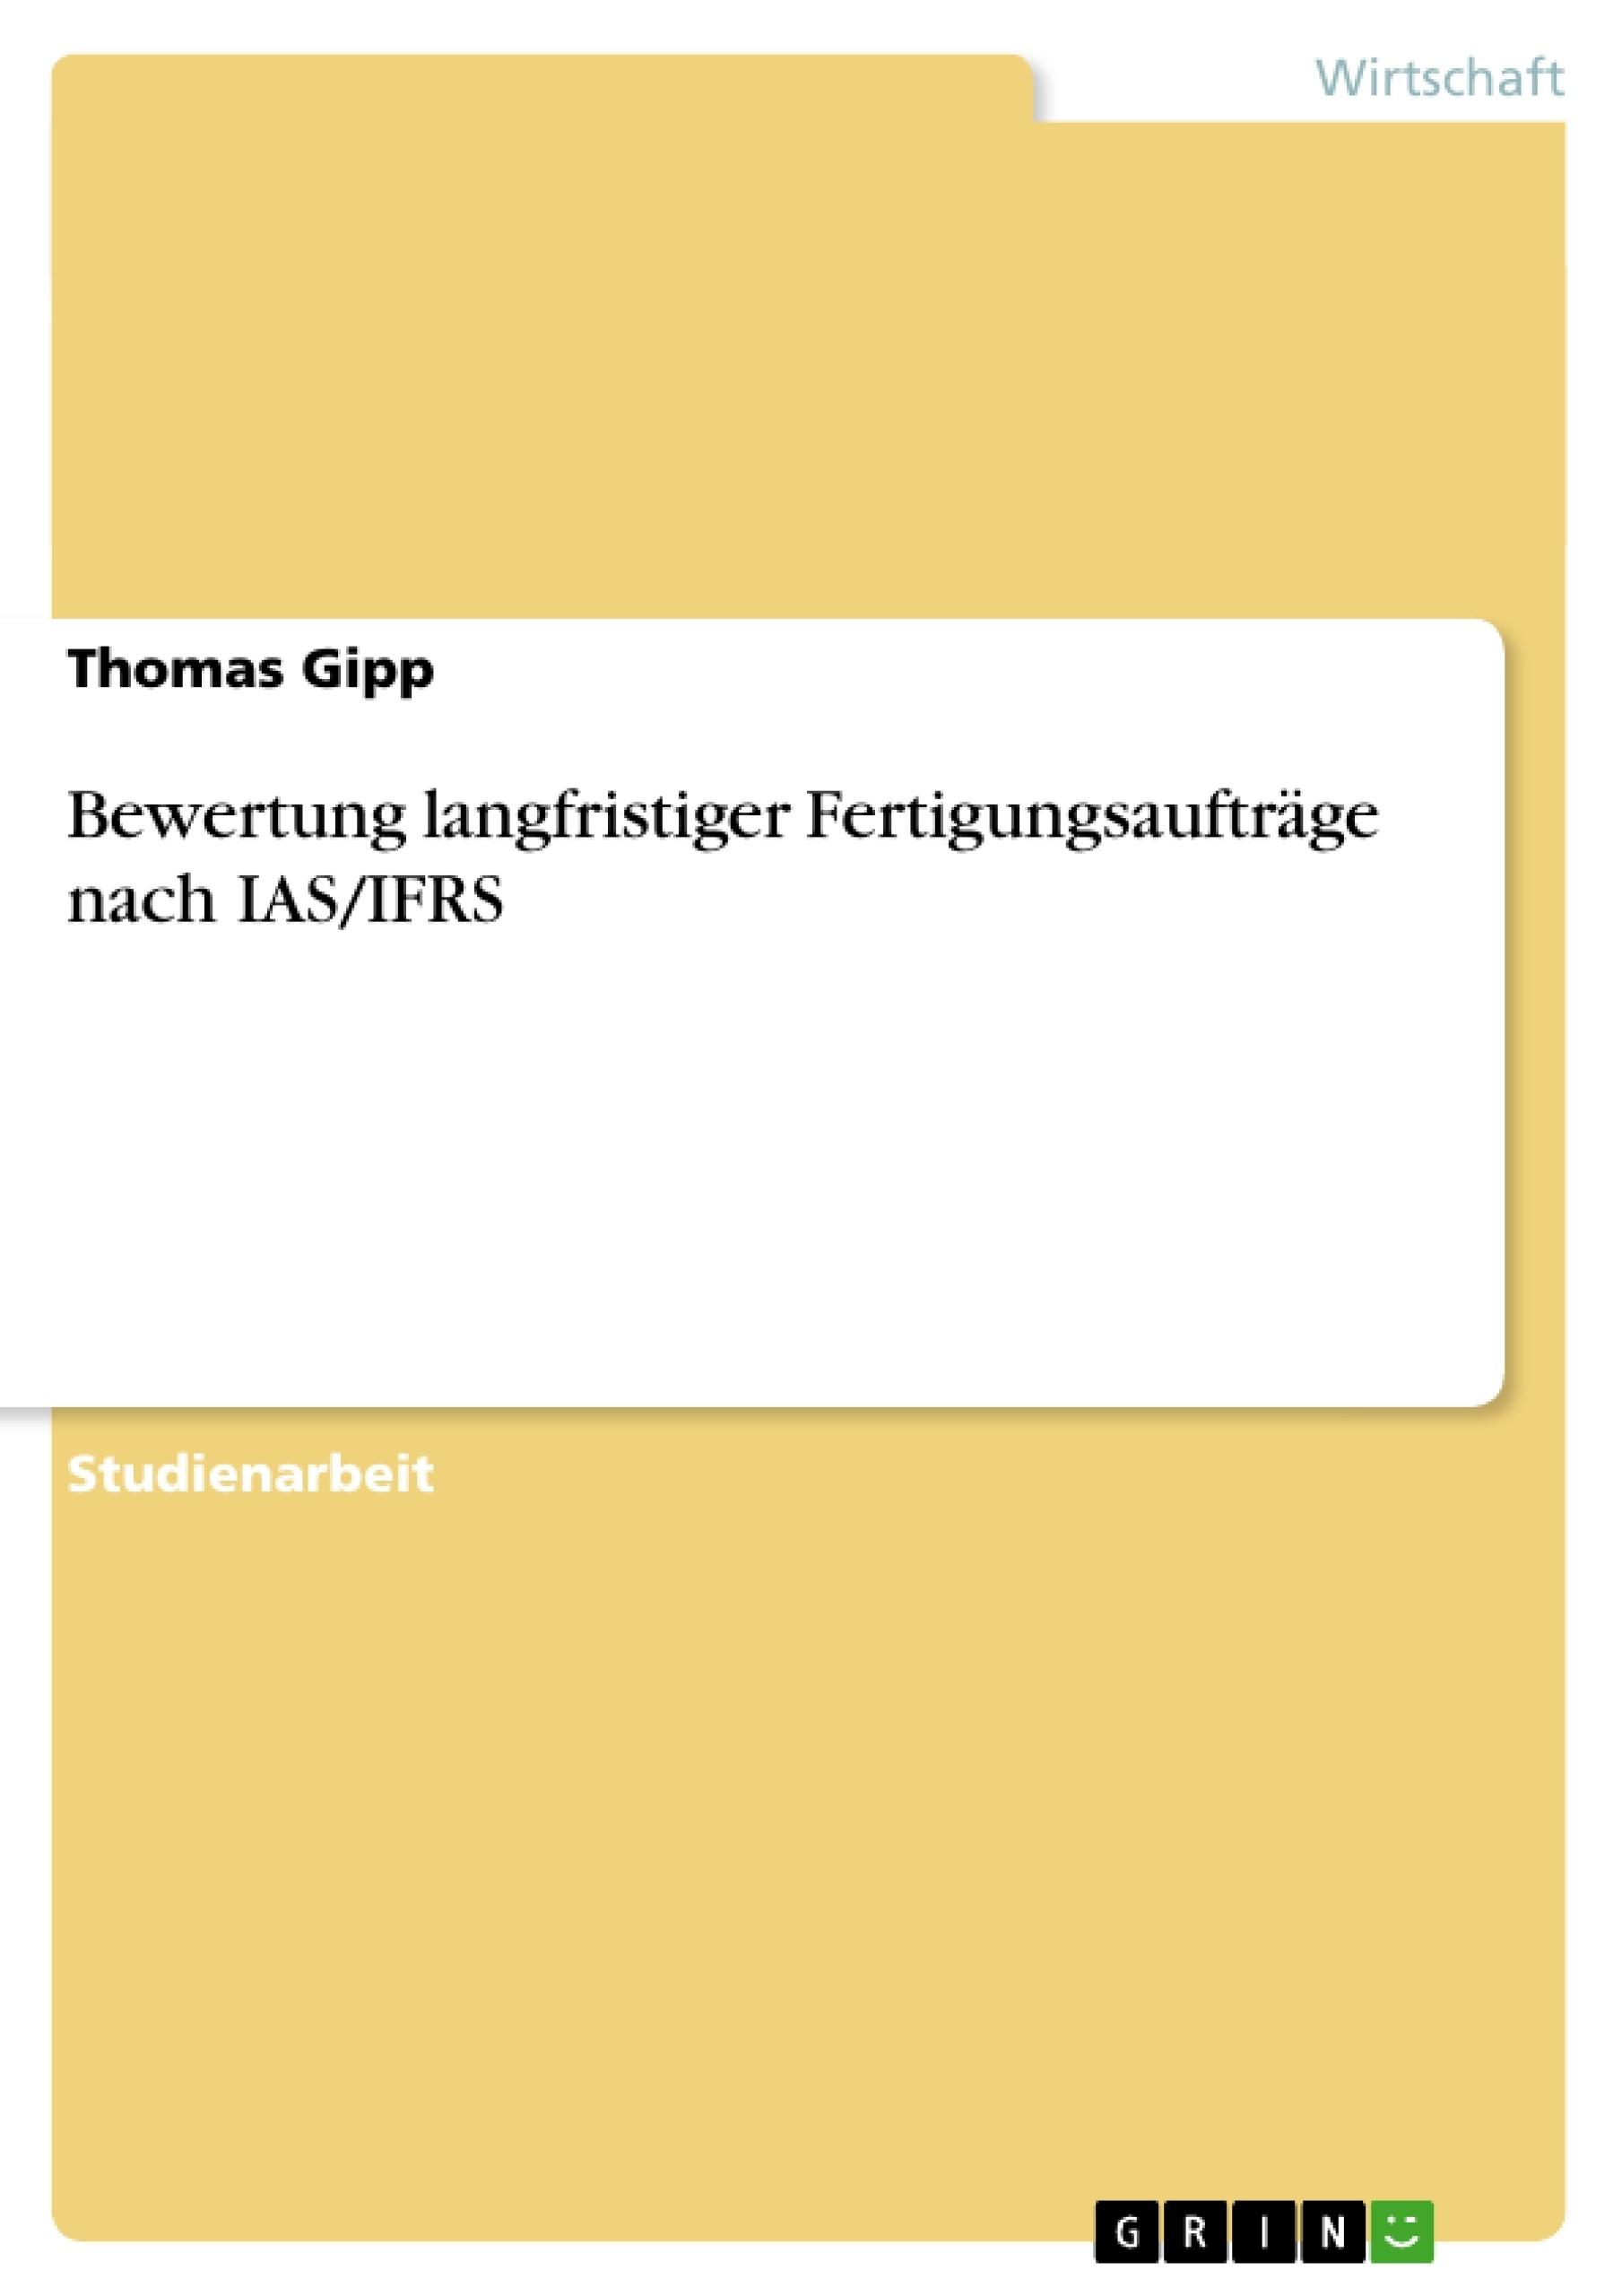 Titel: Bewertung langfristiger Fertigungsaufträge nach IAS/IFRS